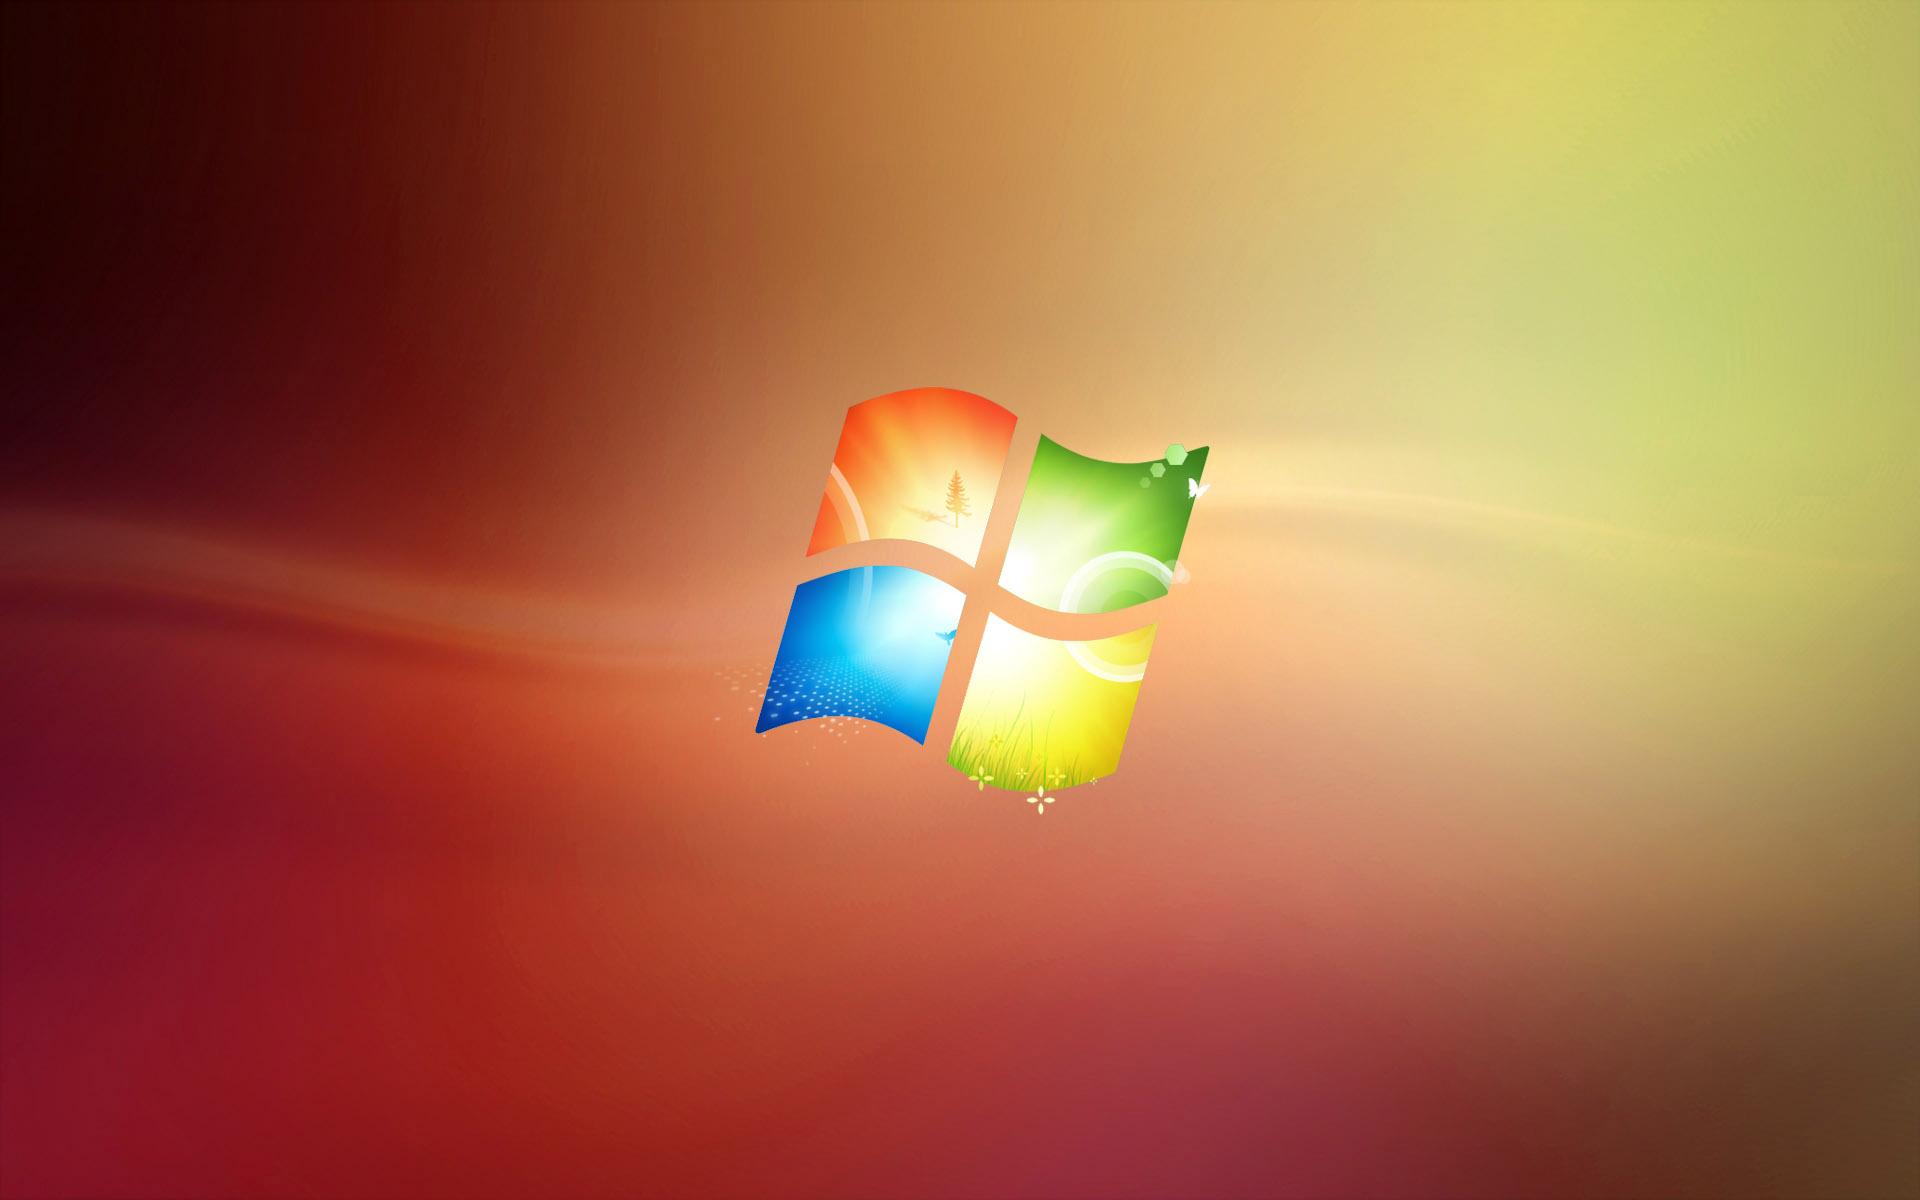 Windows 7 Summer Theme Windows 7 Fond D Ecran 26875551 Fanpop